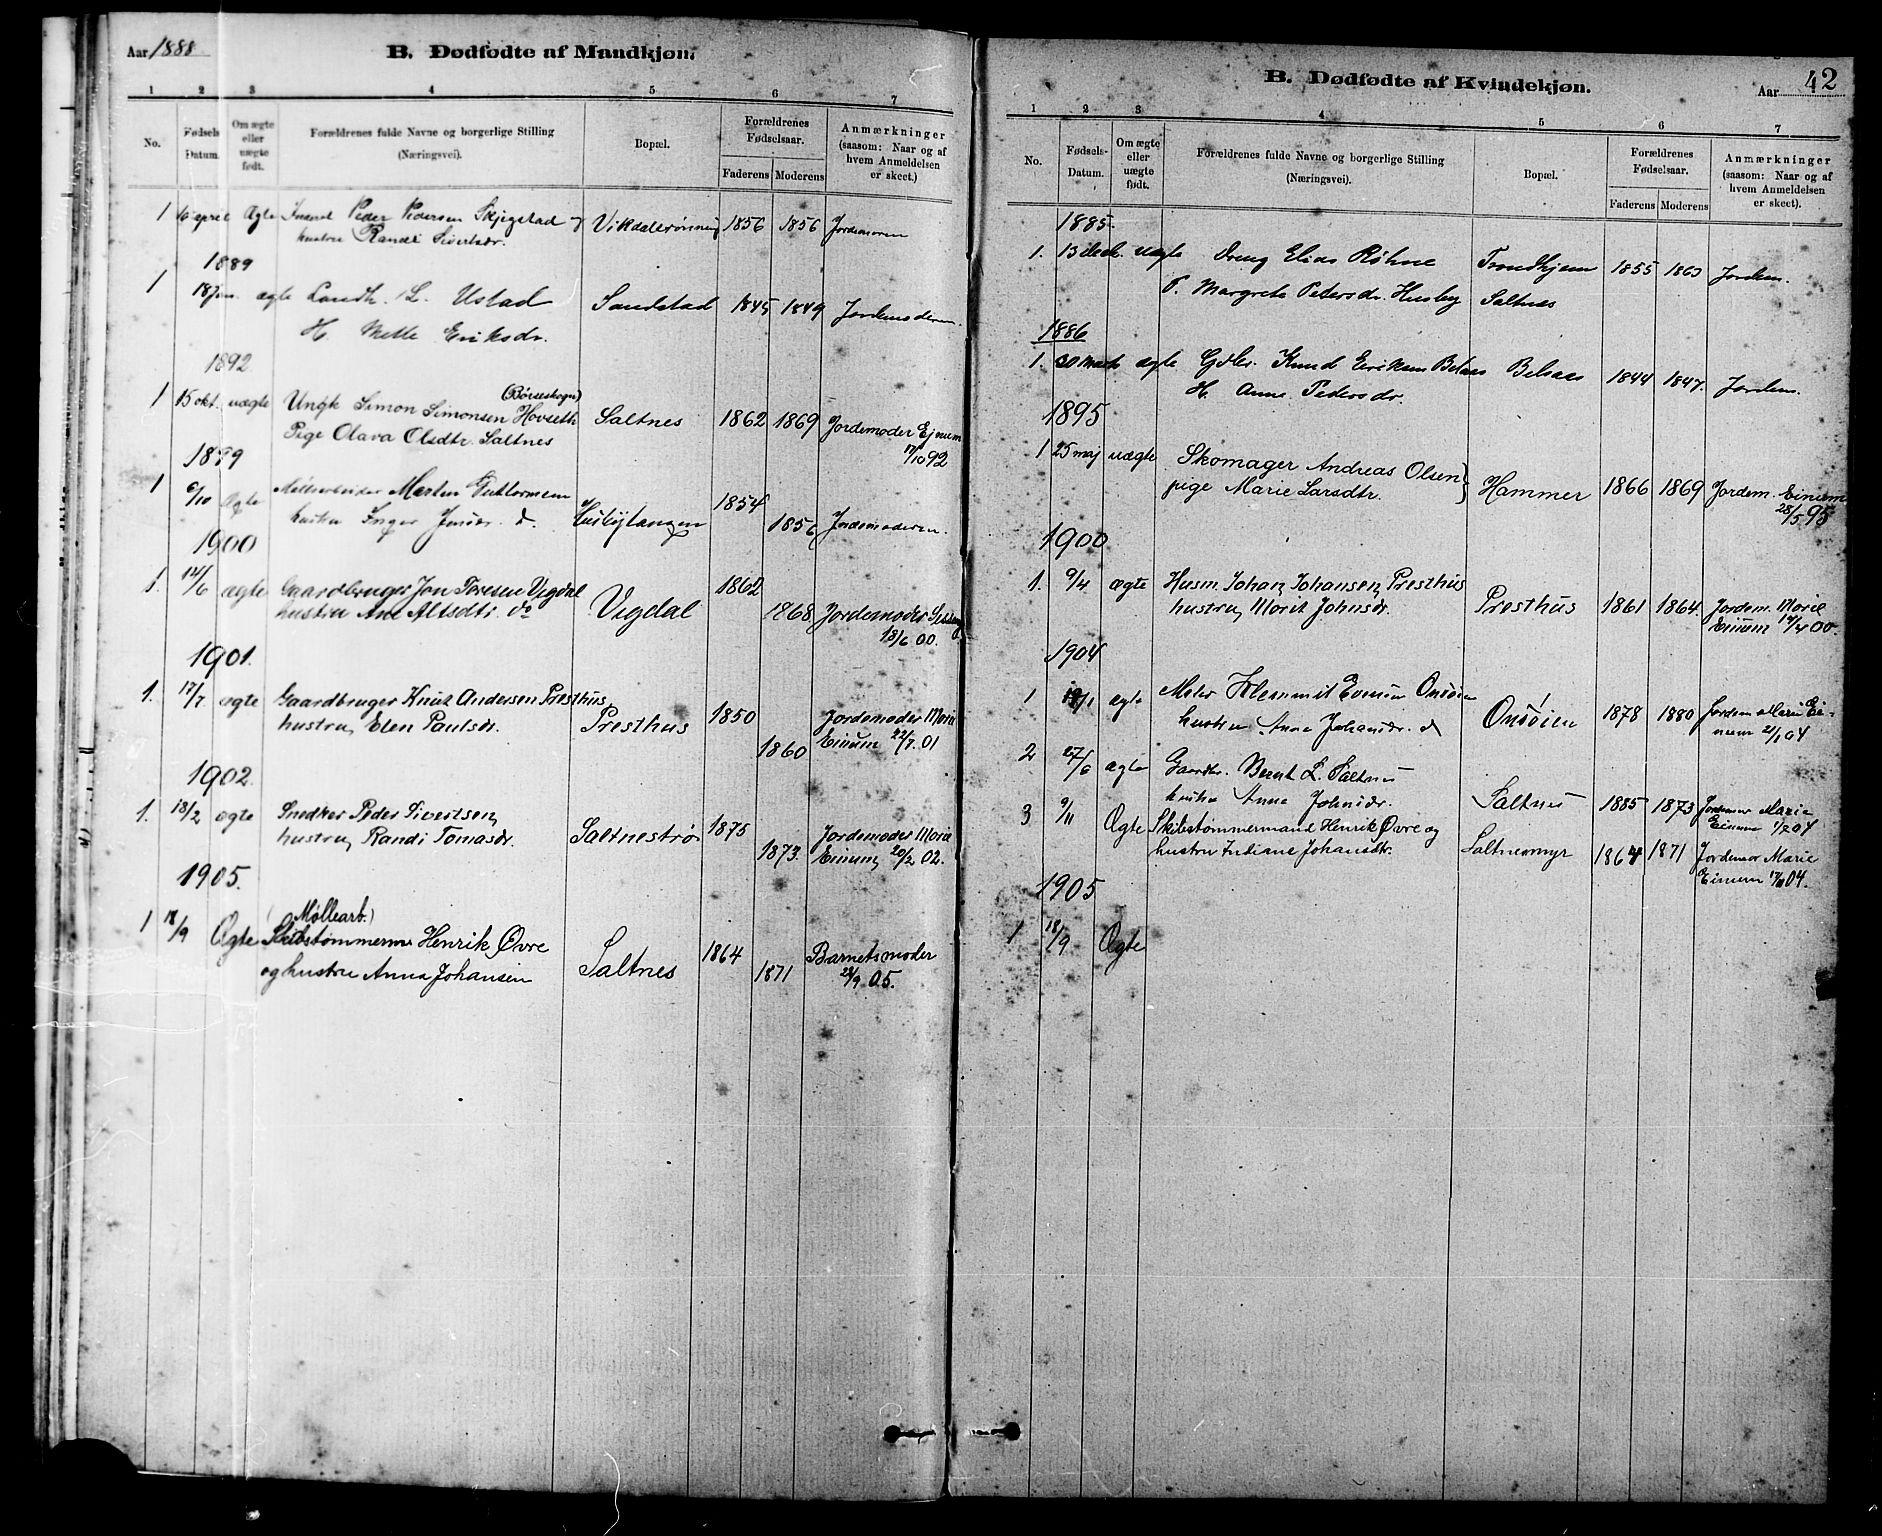 SAT, Ministerialprotokoller, klokkerbøker og fødselsregistre - Sør-Trøndelag, 666/L0790: Klokkerbok nr. 666C03, 1885-1908, s. 42